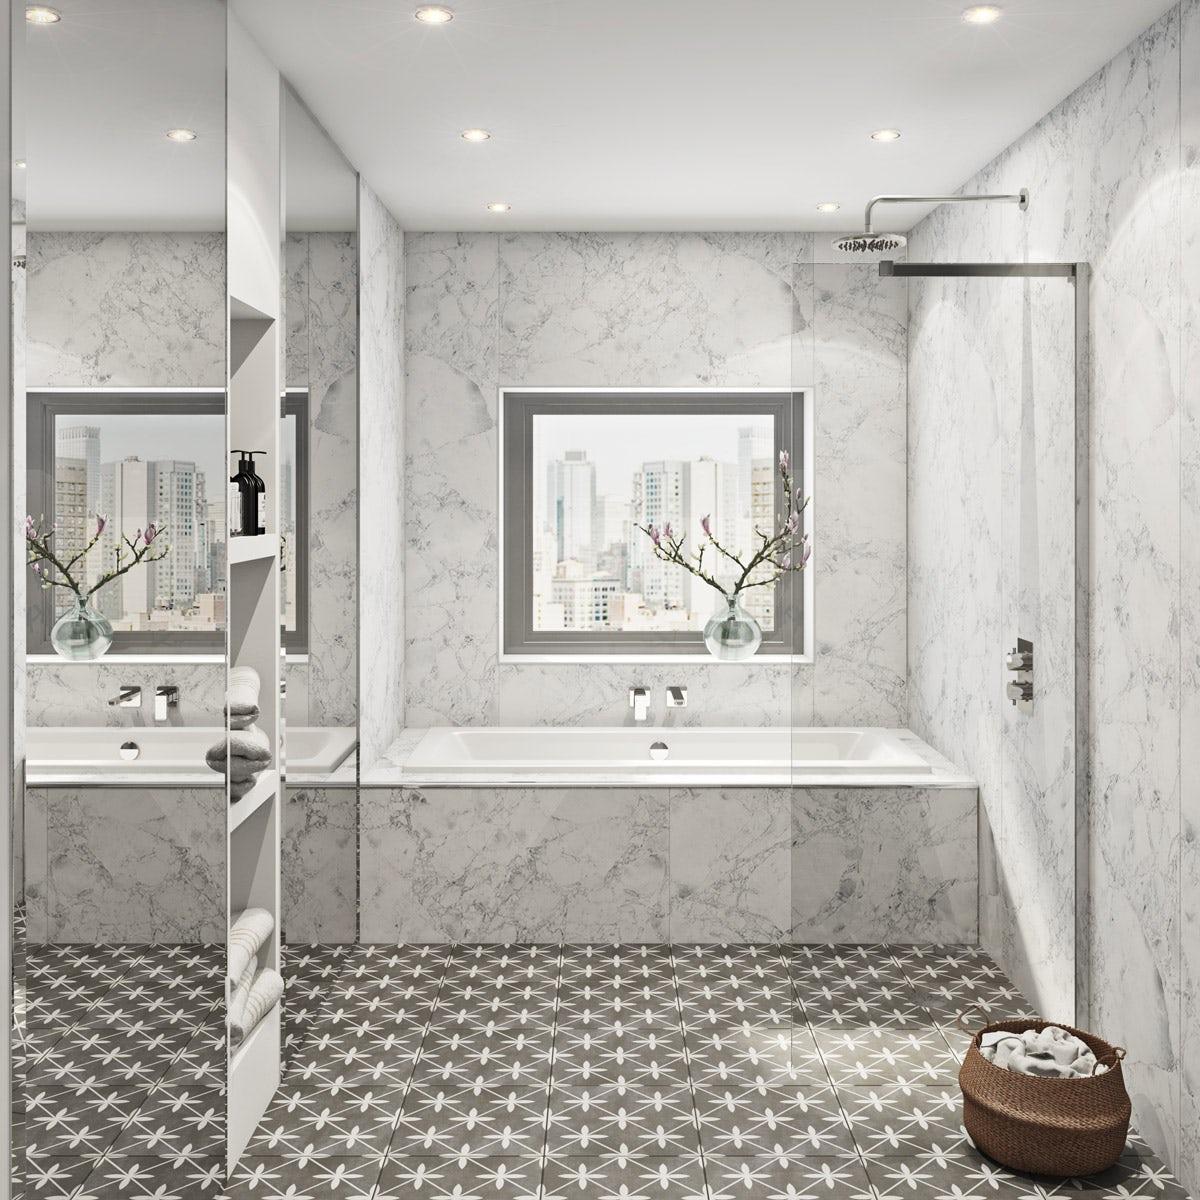 The Multipanel Linda Barker Bianca Luna Hydrolock Shower